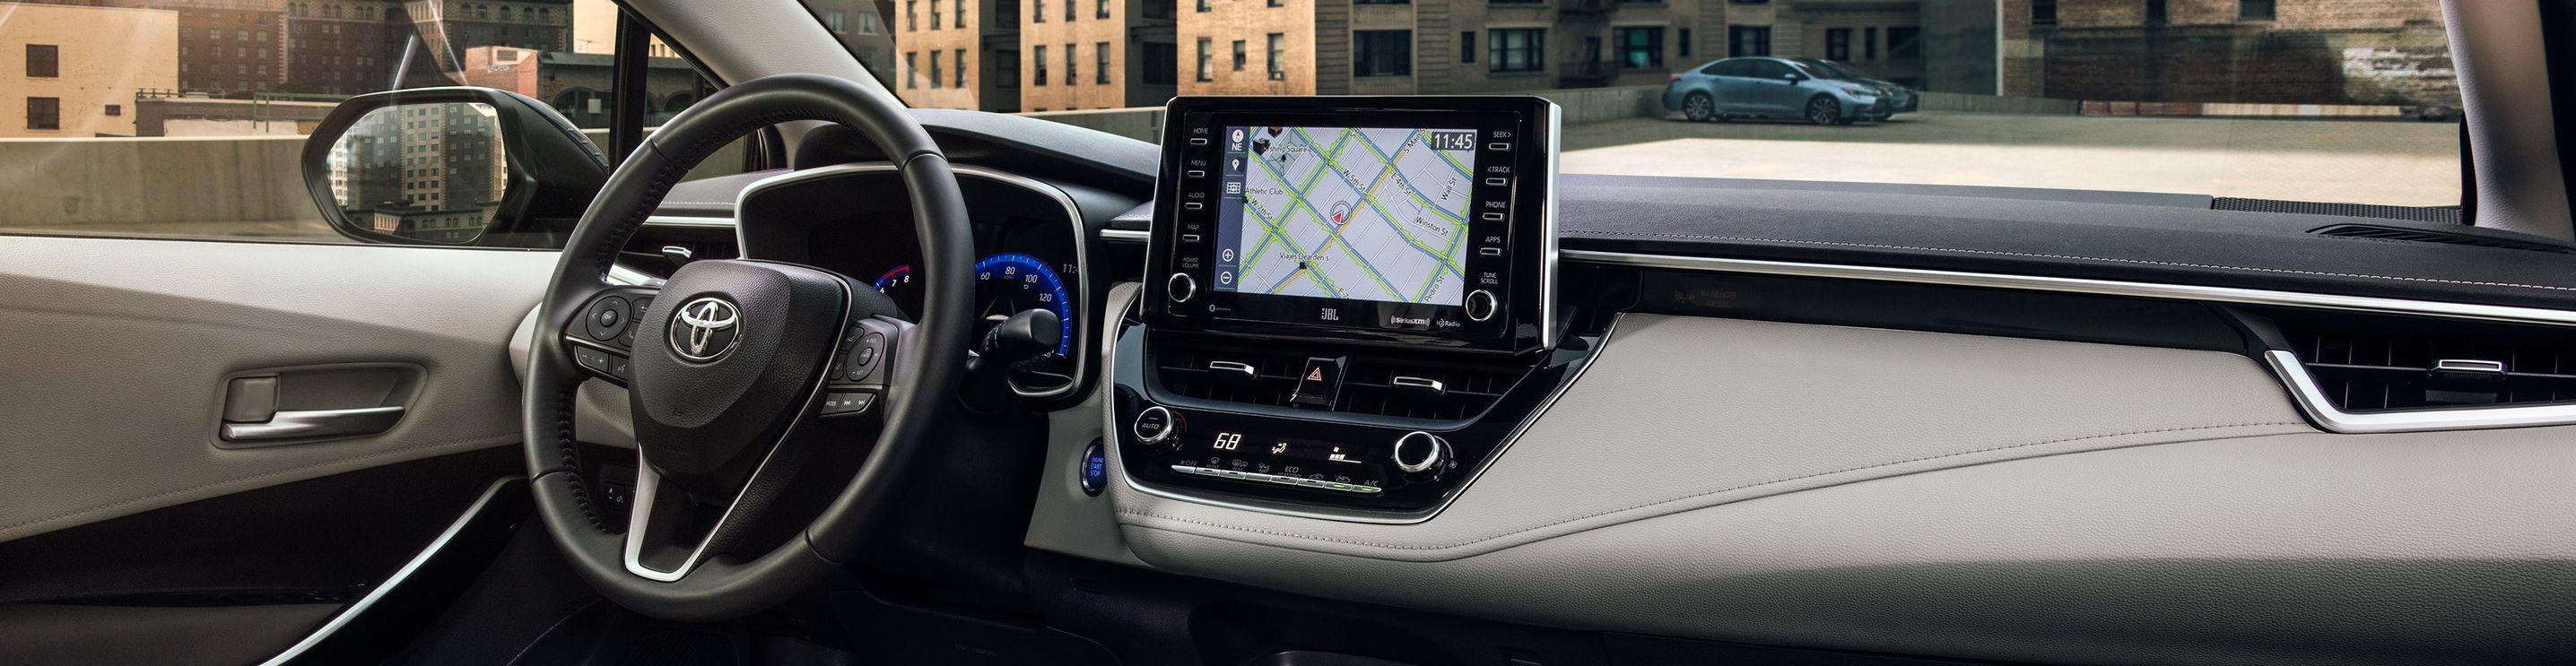 2020 Toyota Corolla Dashboard